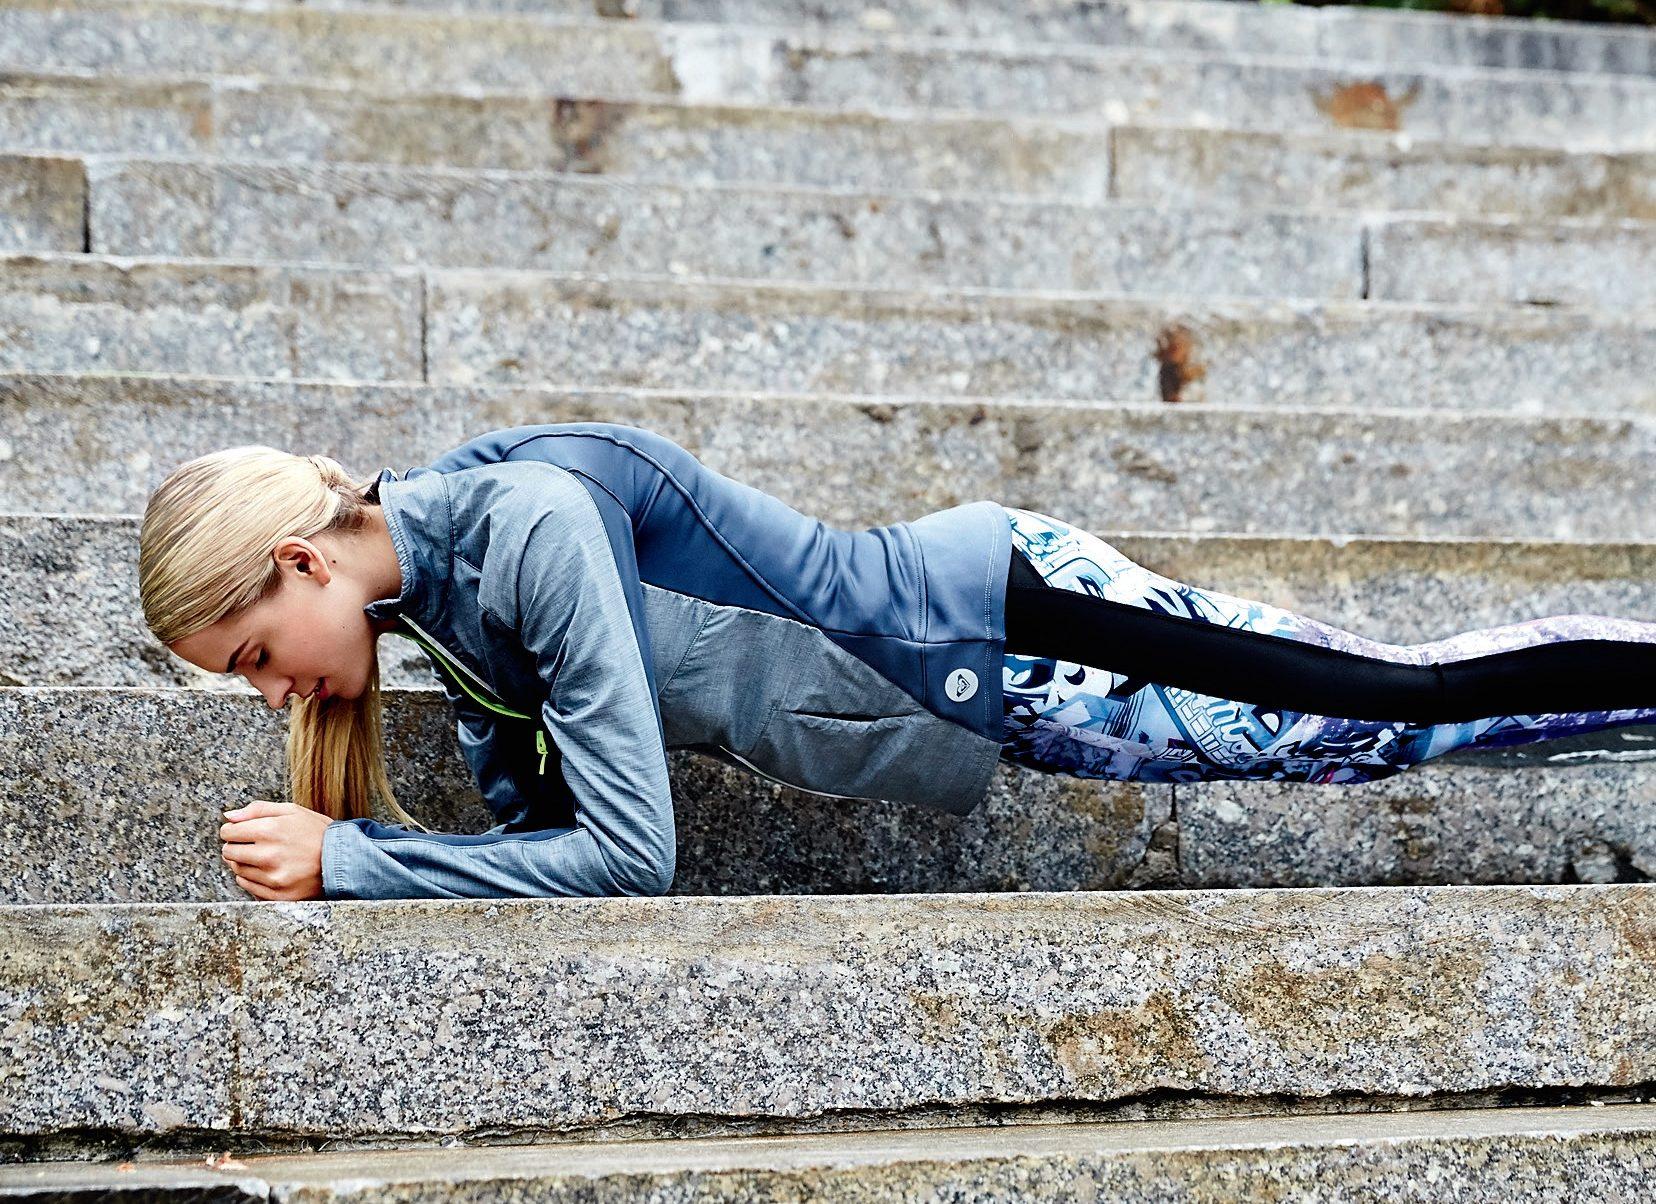 conseils running-echauffement-renforcement